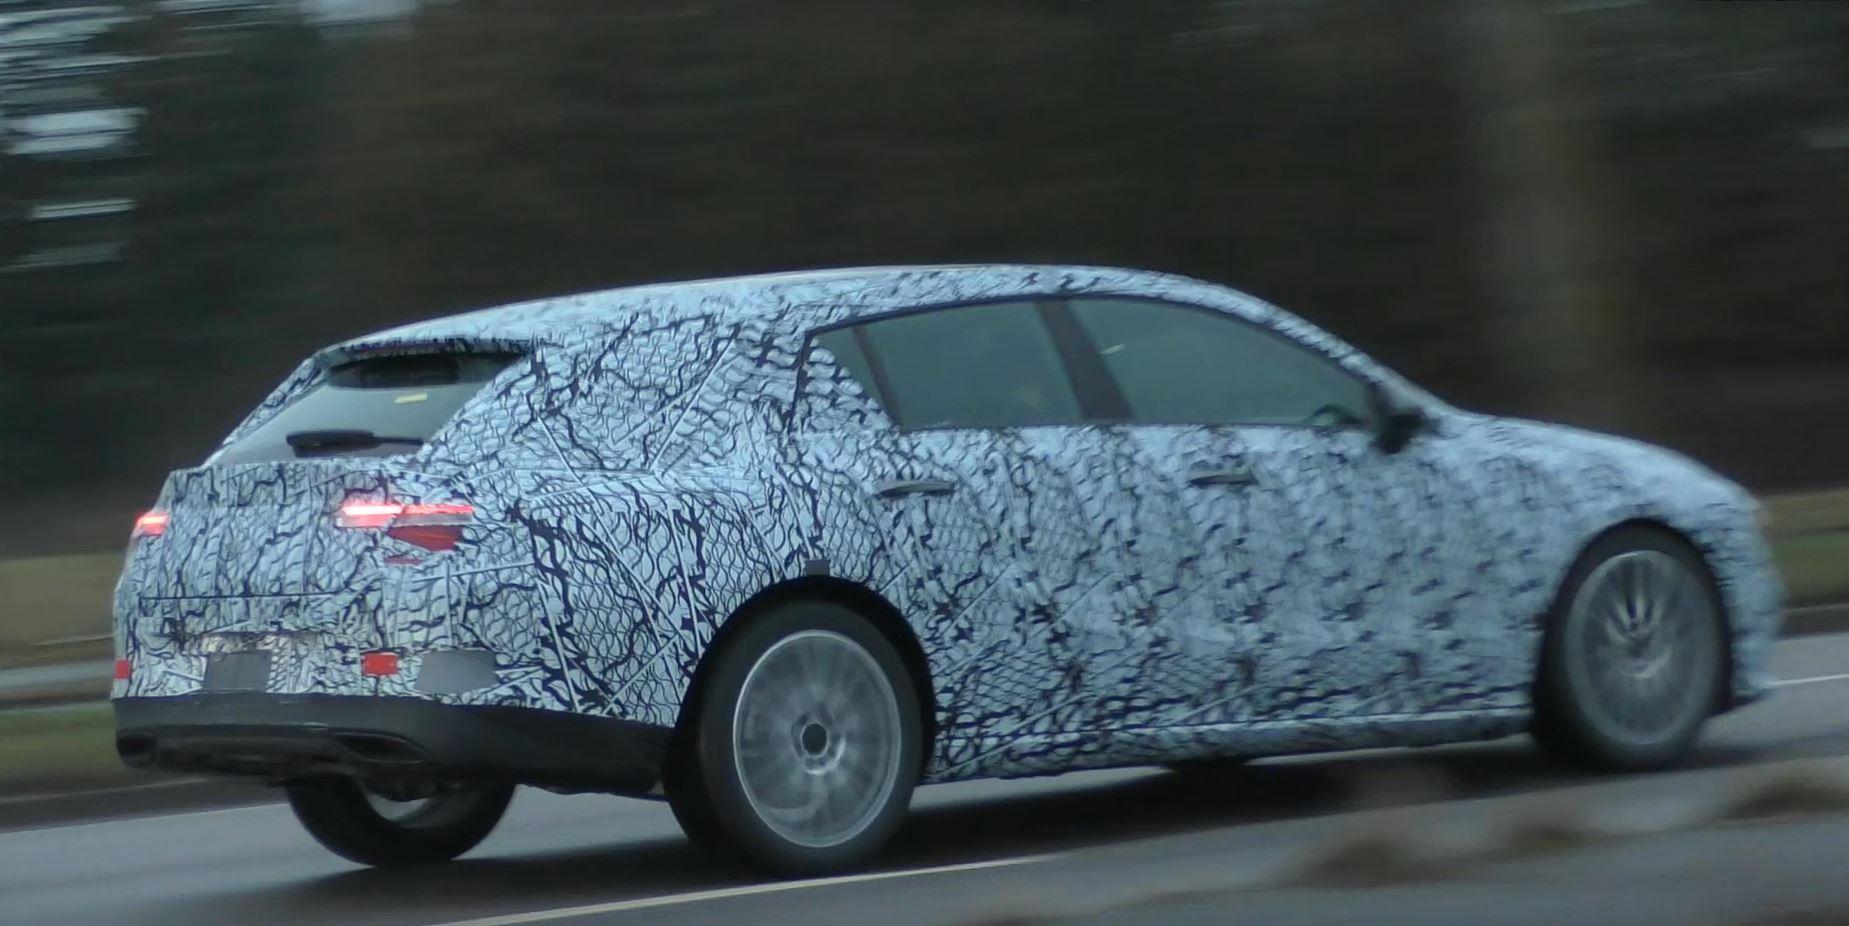 梅赛德斯-奔驰CLA猎装车路试谍照曝光 预计年内正式发布